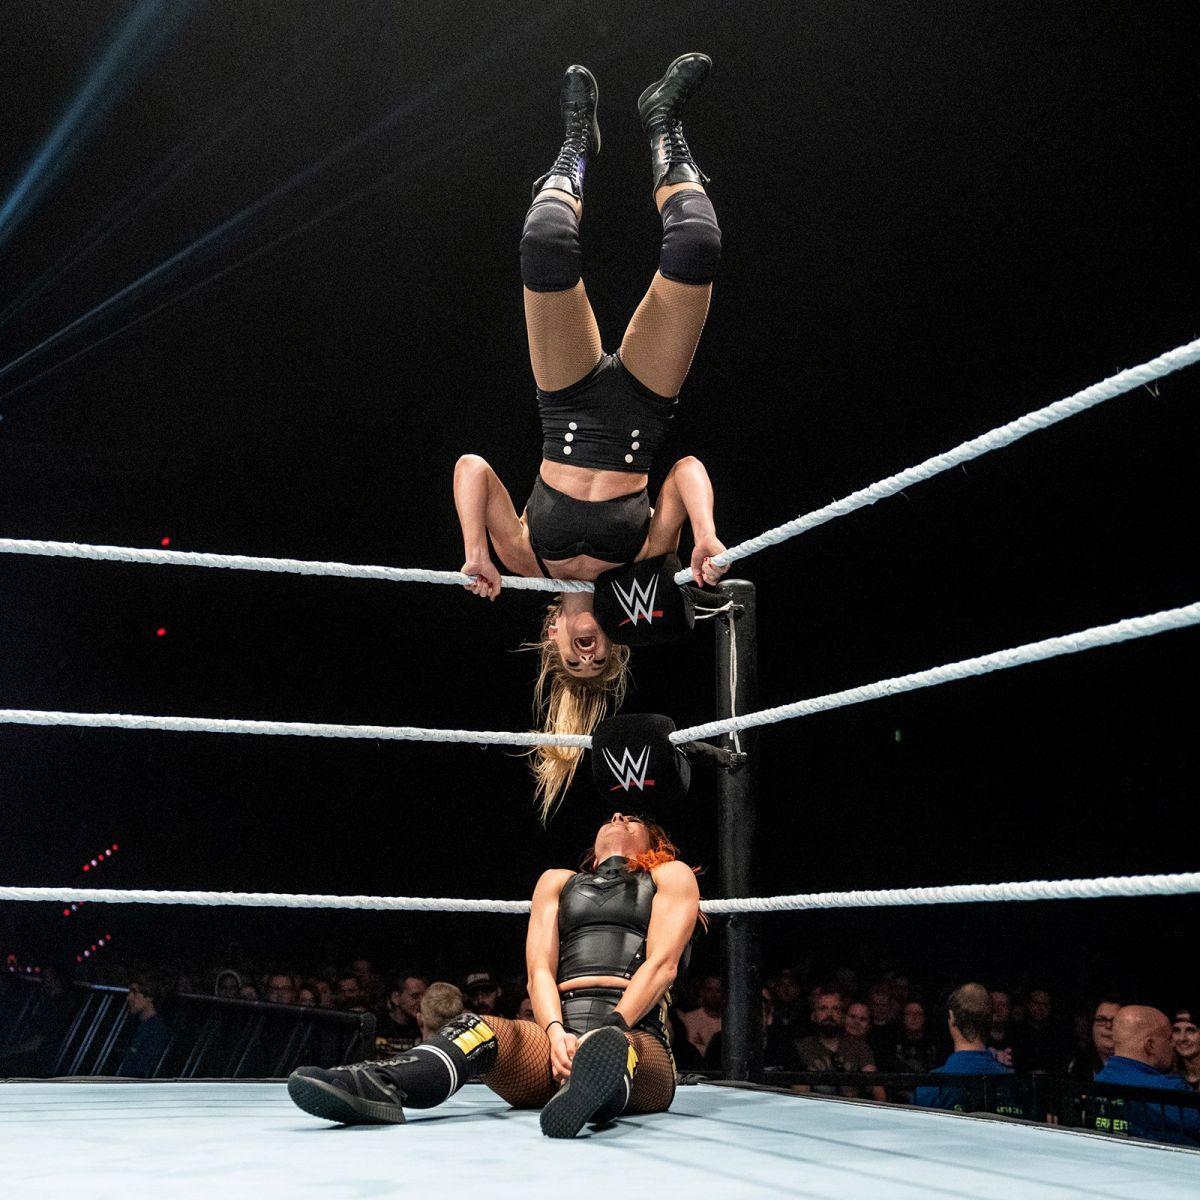 WWE Live in Germany - HawtCelebs